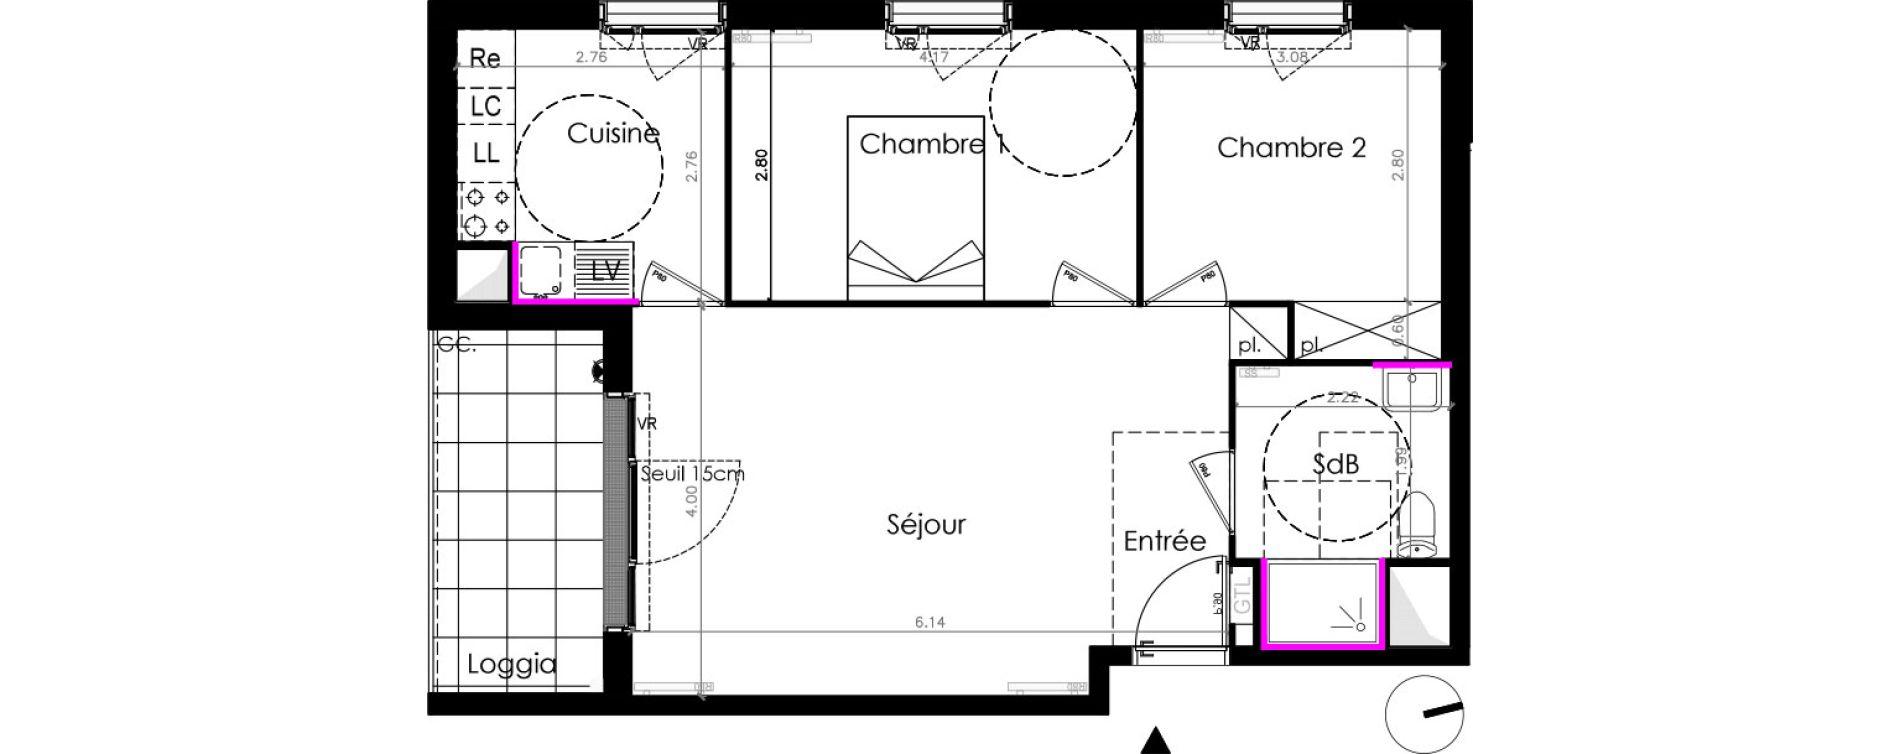 Appartement T3 de 58,20 m2 aux Mureaux Les mureaux centre ville